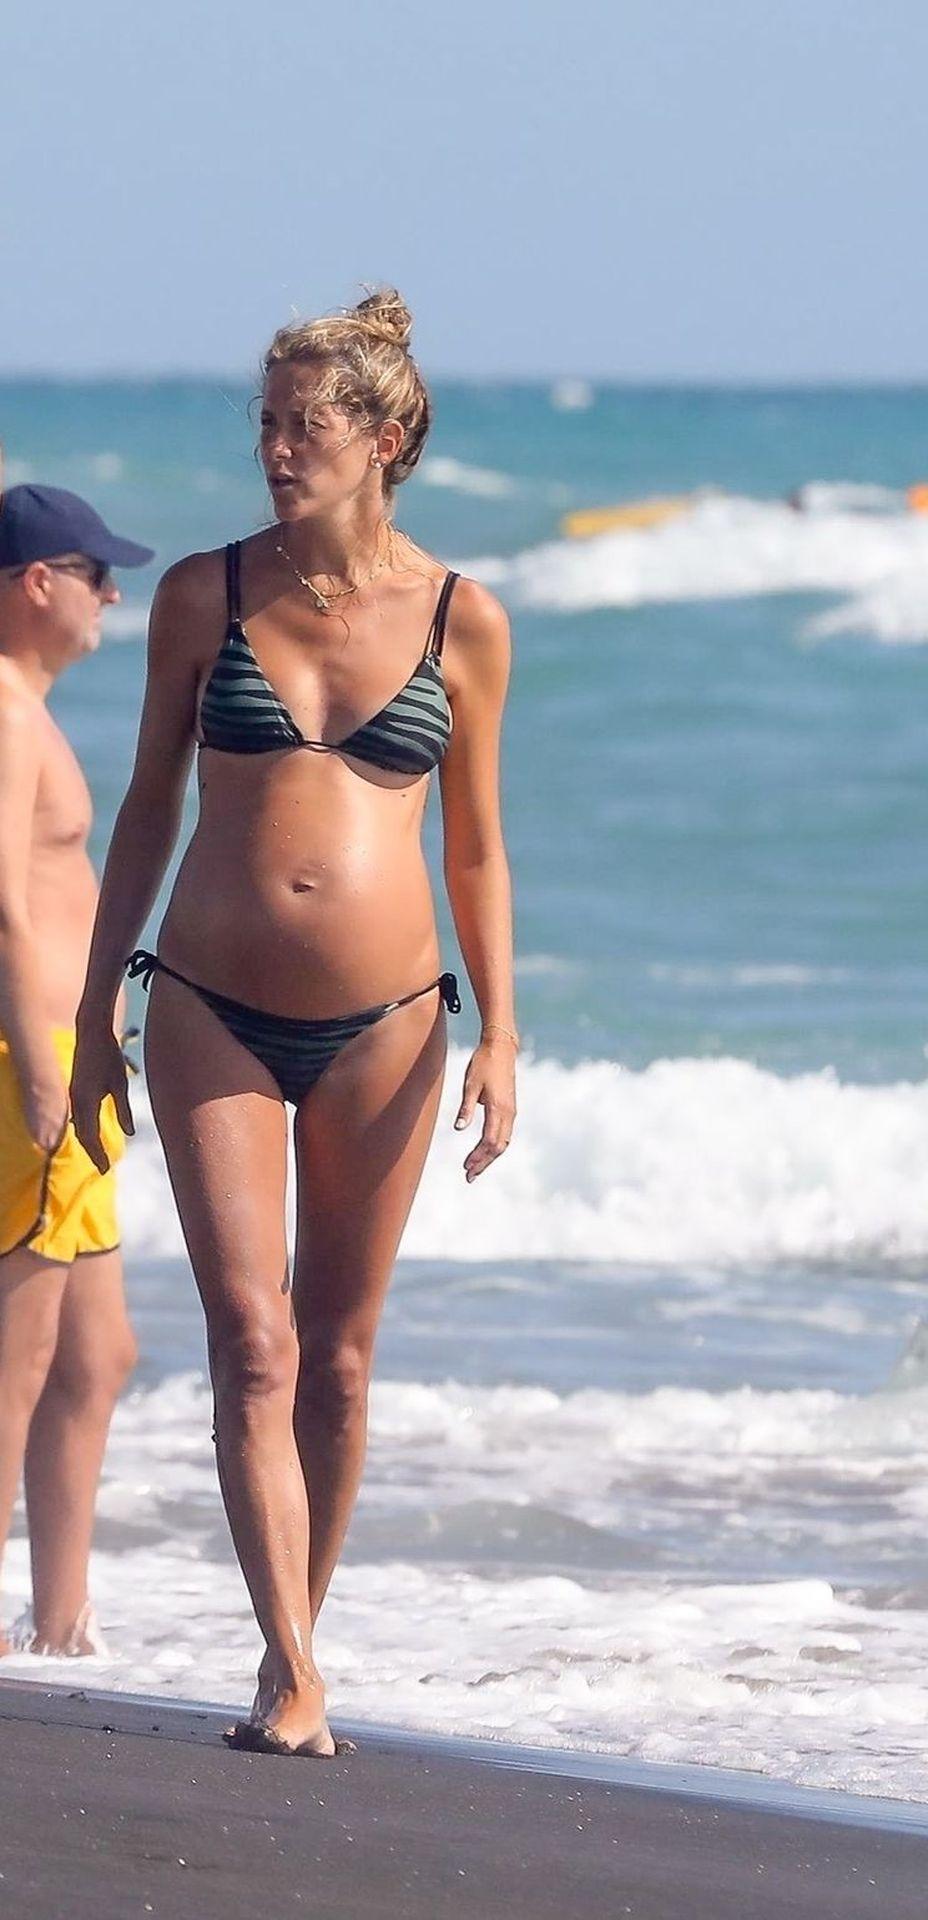 Alejandra Fazio Shows Her Slim Body in a Bikini on the Beach in Ostia (39 Photos)